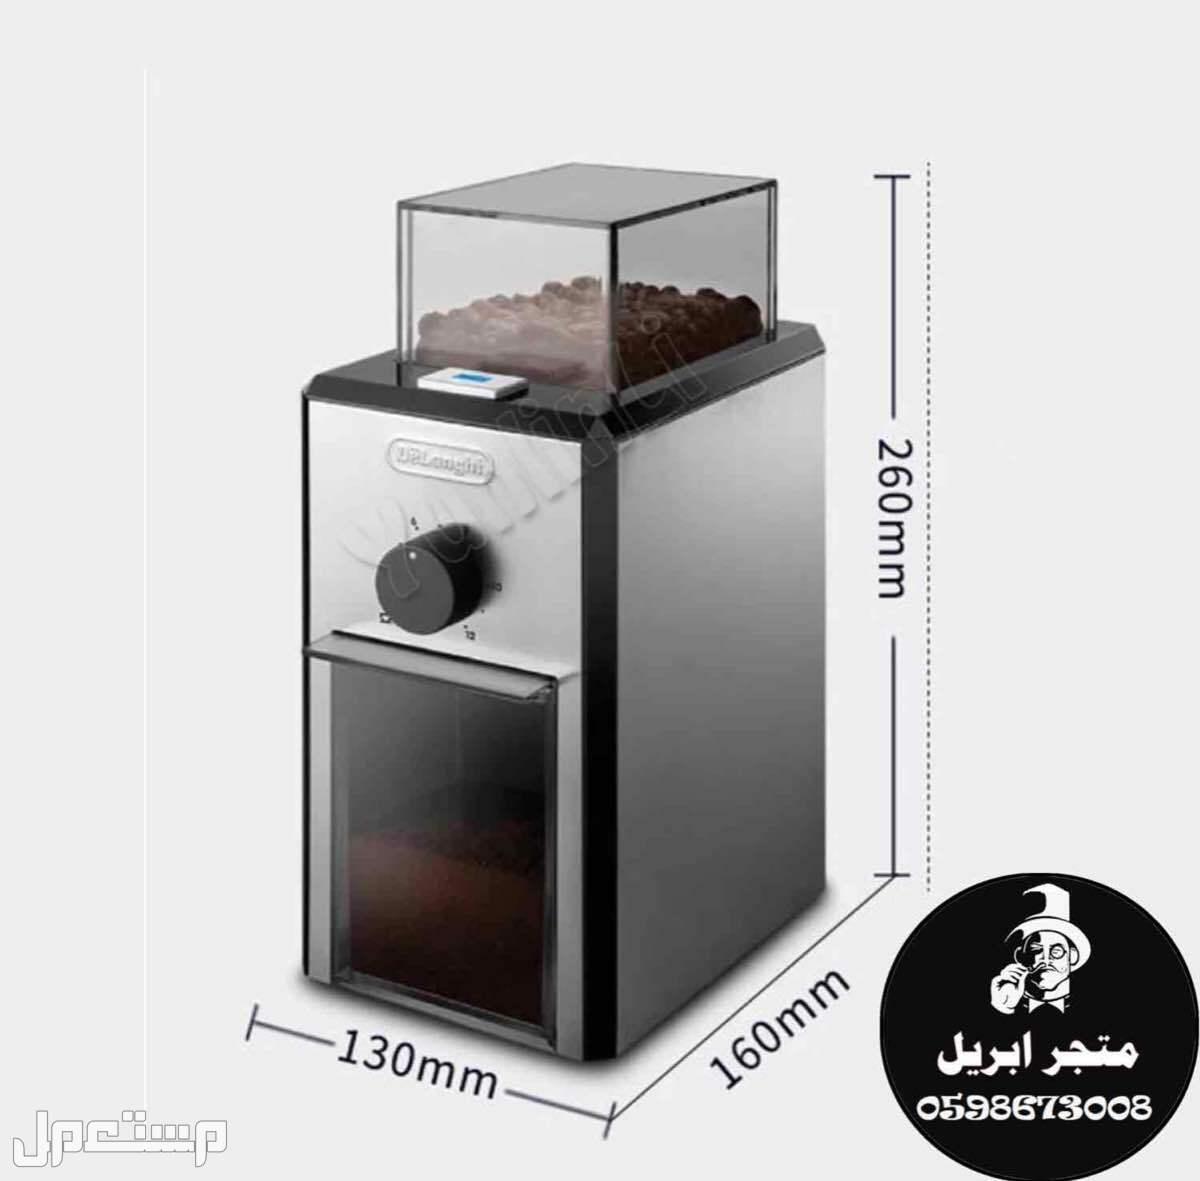 مكينة طحن القهوة ( Delonghi)